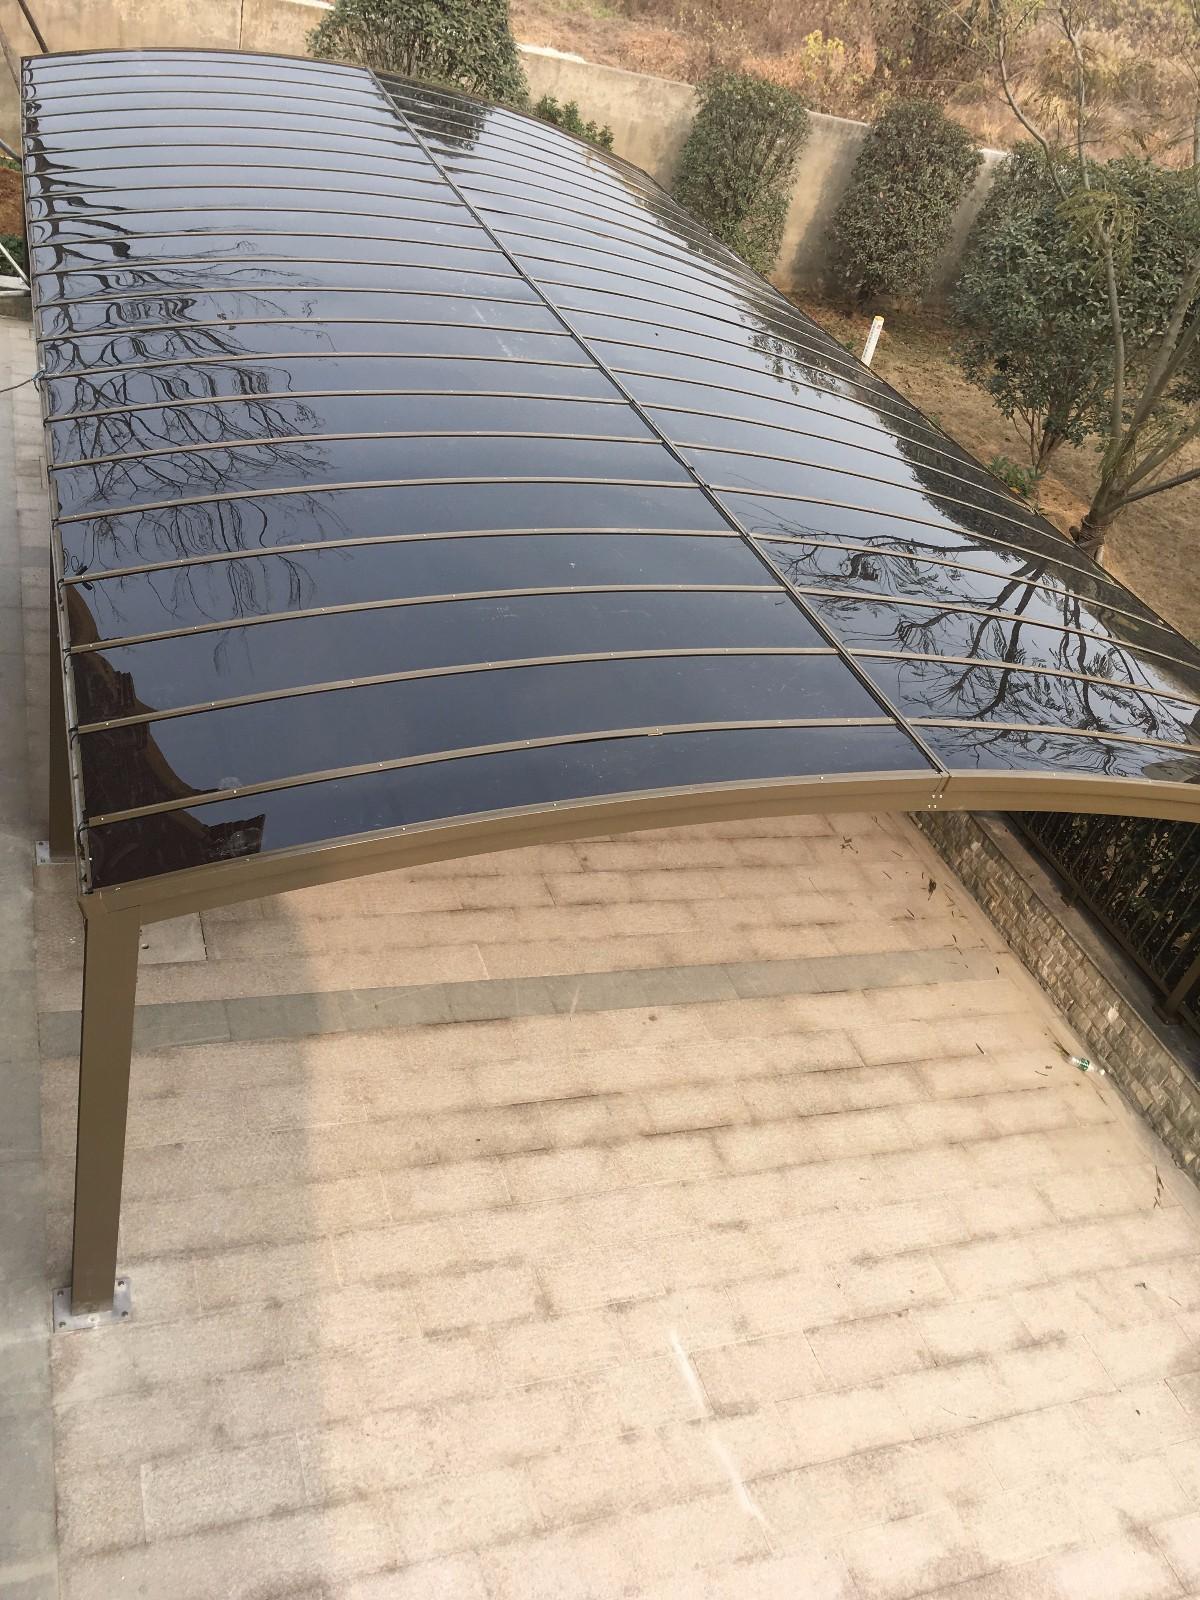 别墅配套案例——护栏雨棚|案例展示中心-南京欧伯盾门窗有限公司